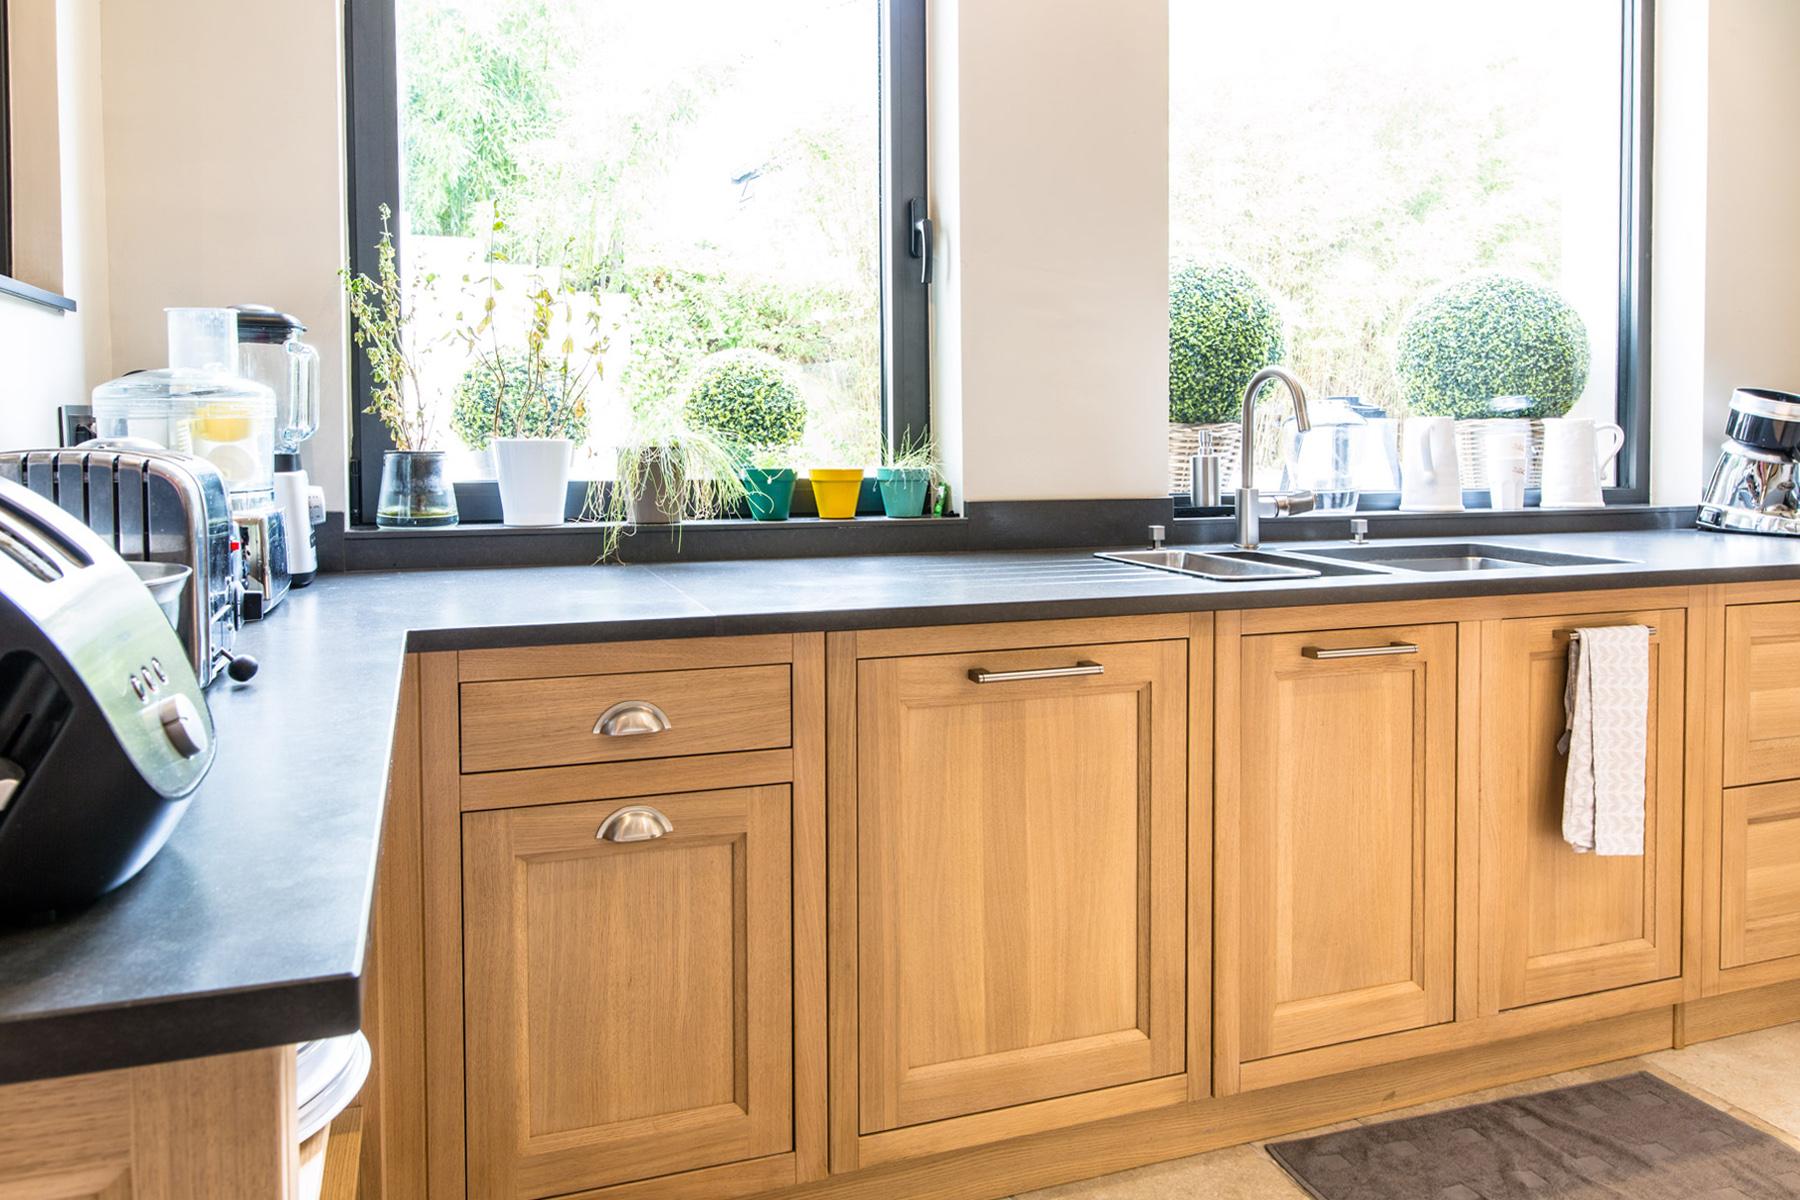 cuisine en chêne massif modèle Haussman et son plan en quartz de chez Unistone